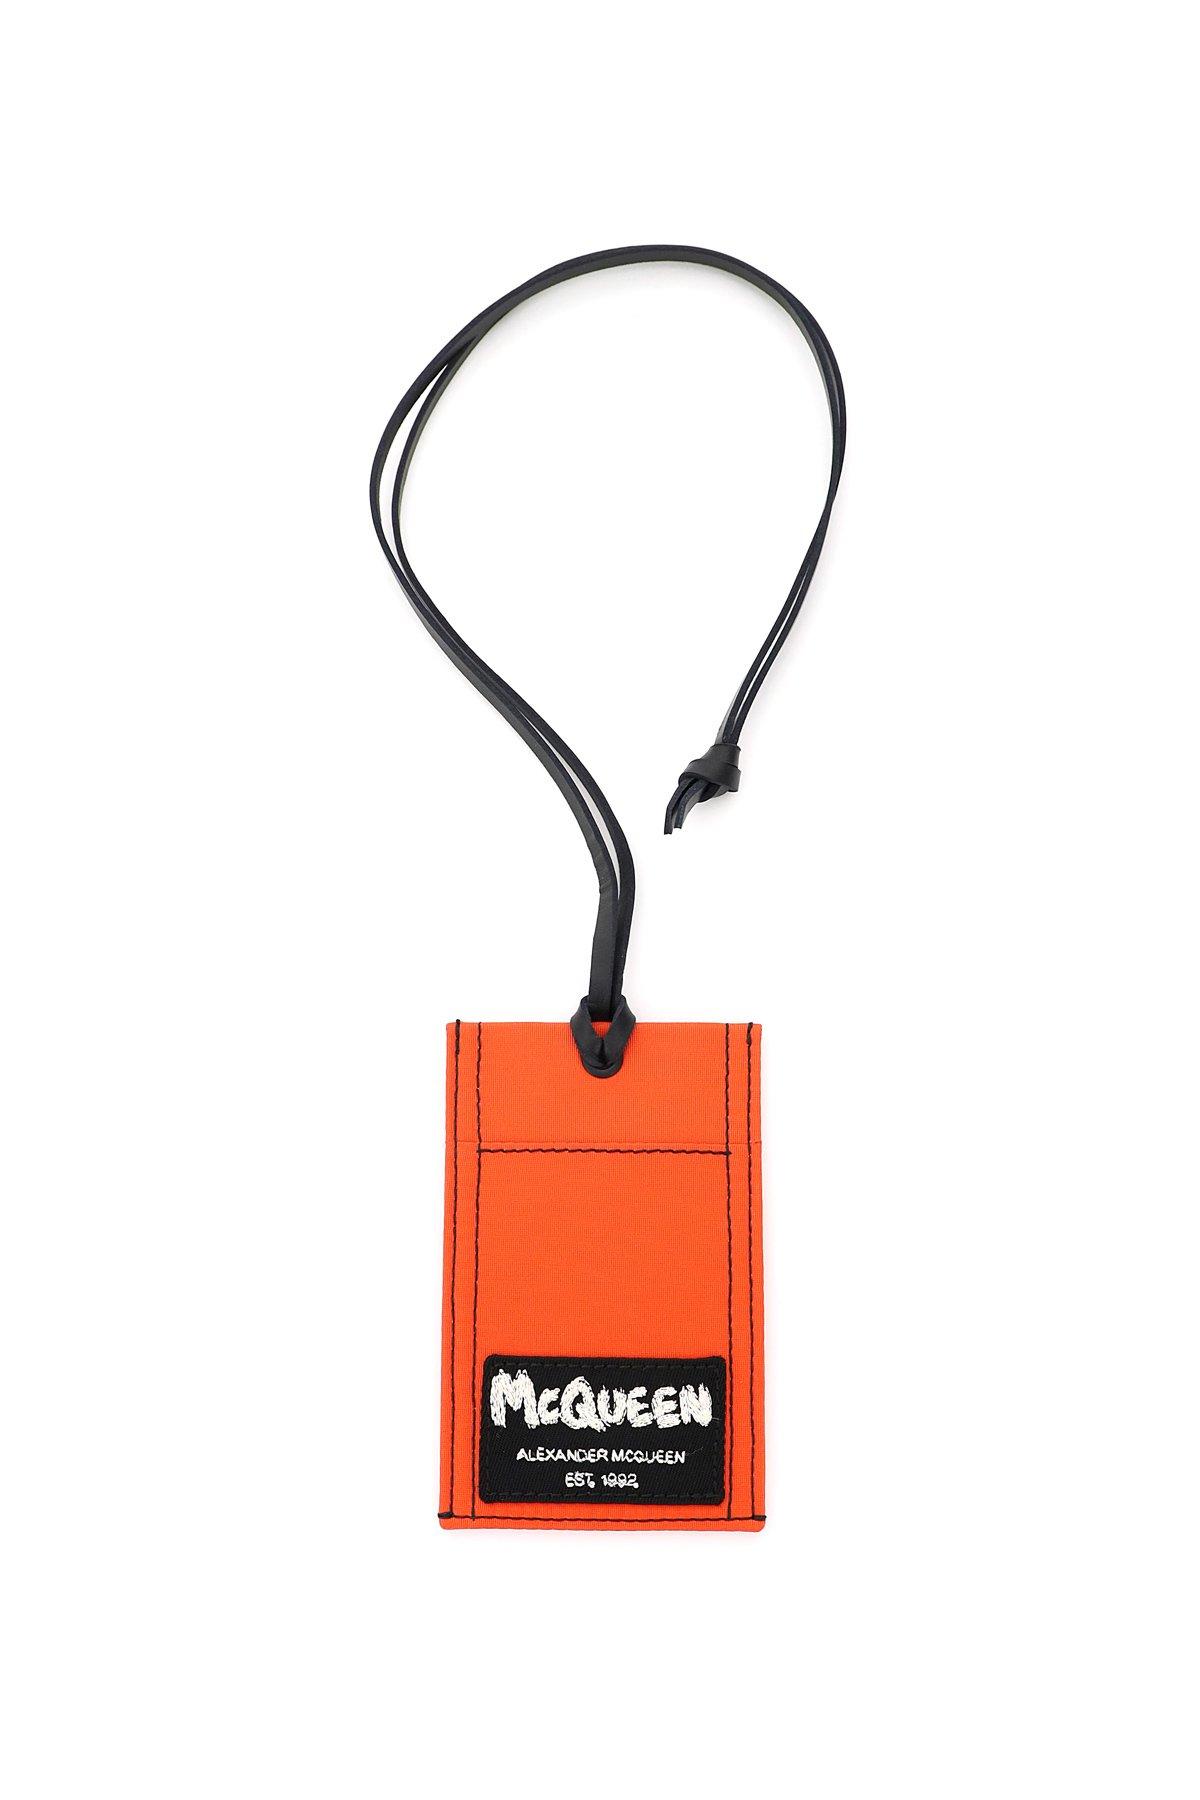 Alexander mcqueen portacarte necklace ricamo logo graffiti